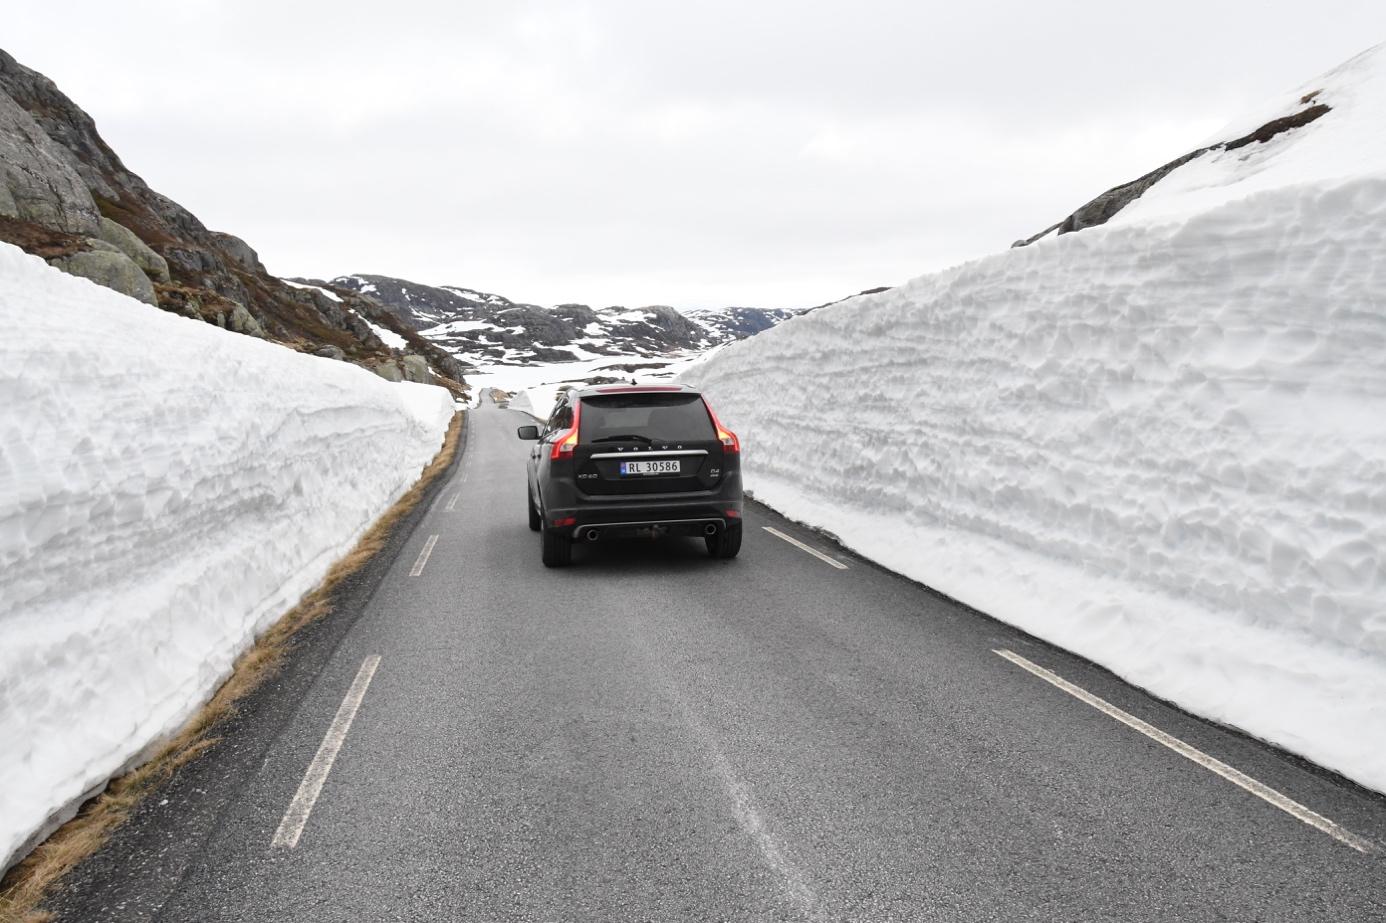 Et bilde som inneholder himmel, utendørs, bilvei, snø  Automatisk generert beskrivelse